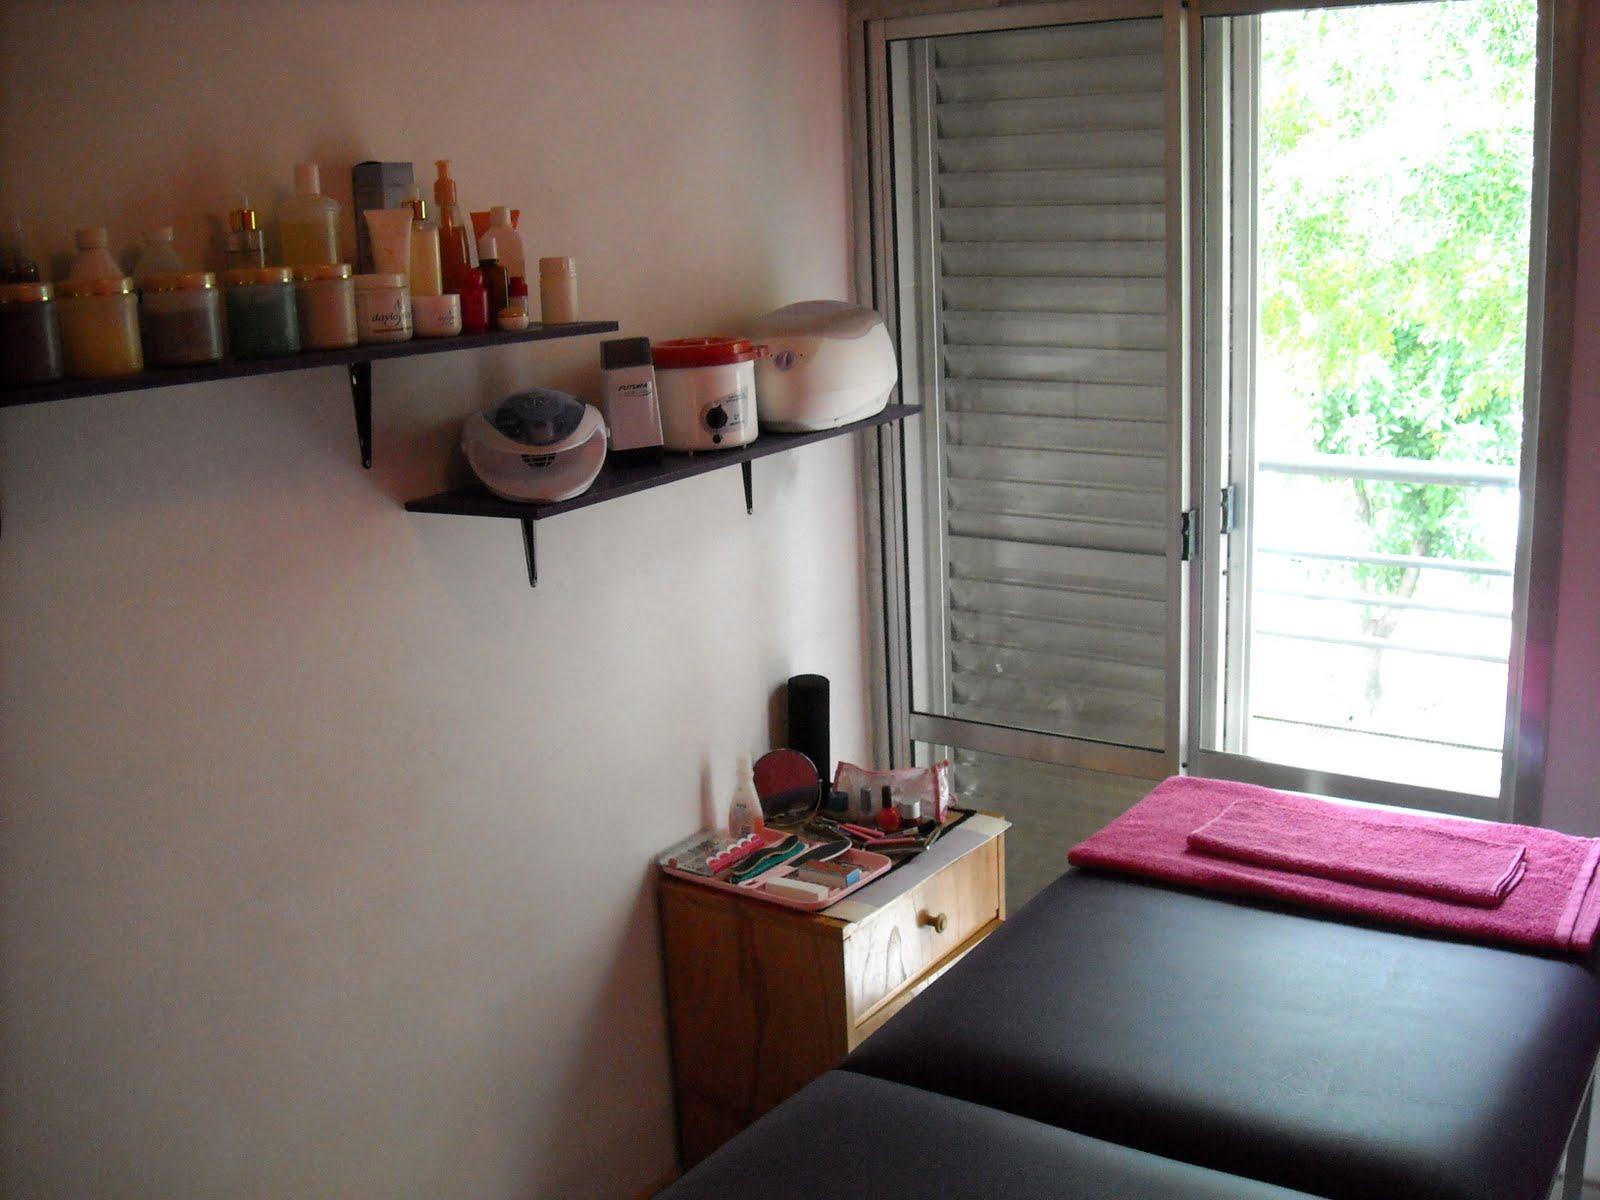 Servicio sala de masaje trabajo de mano